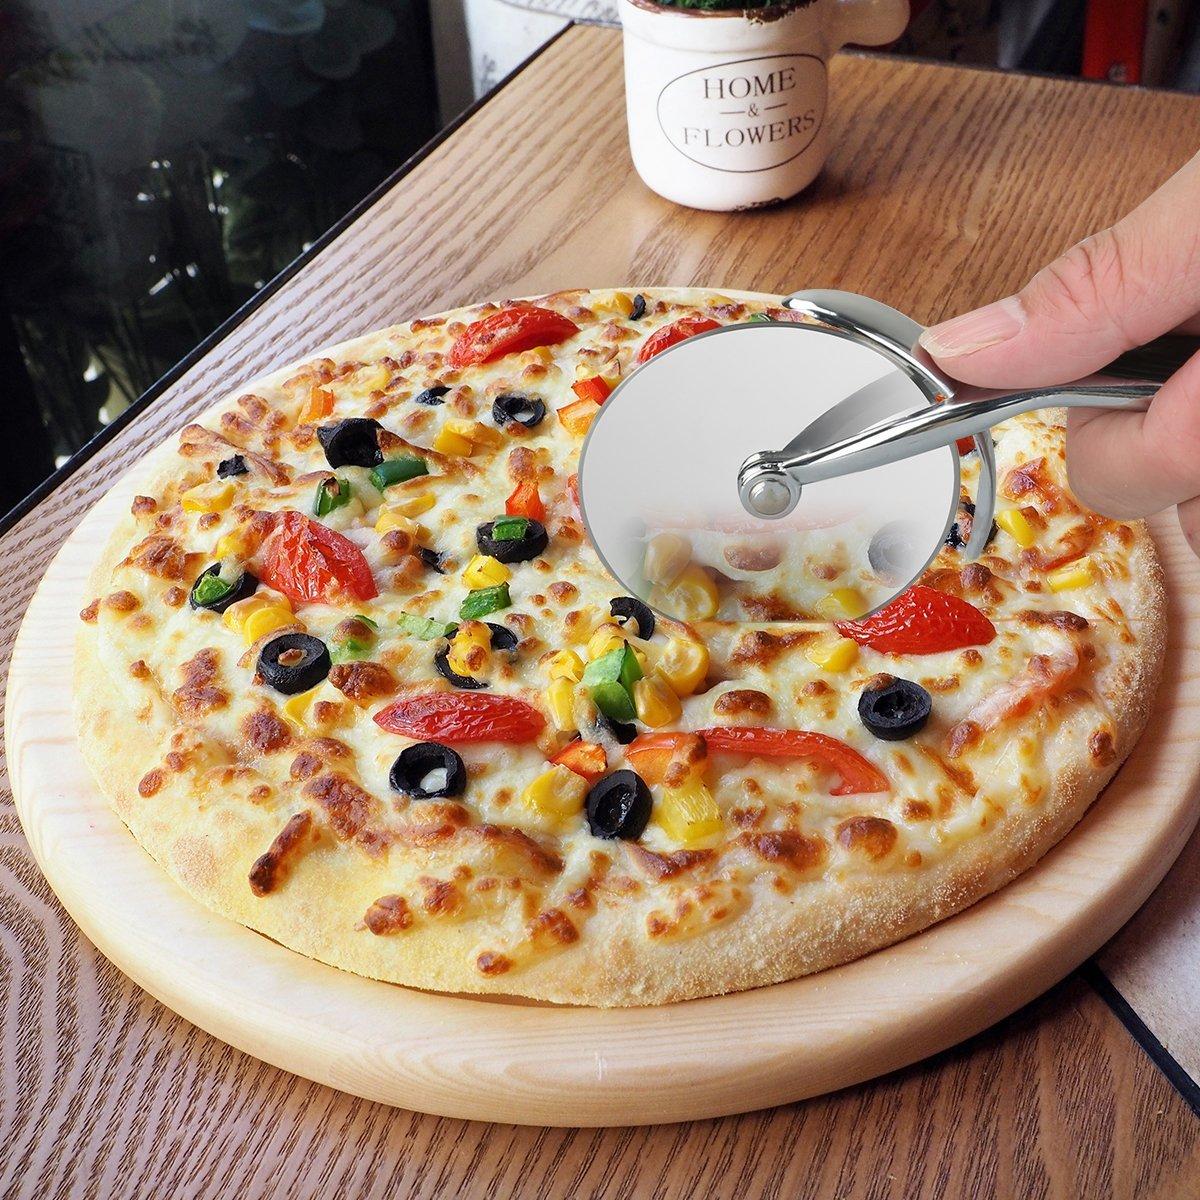 ピザカッターのおすすめ5選&選び方【おしゃれでよく切れる】